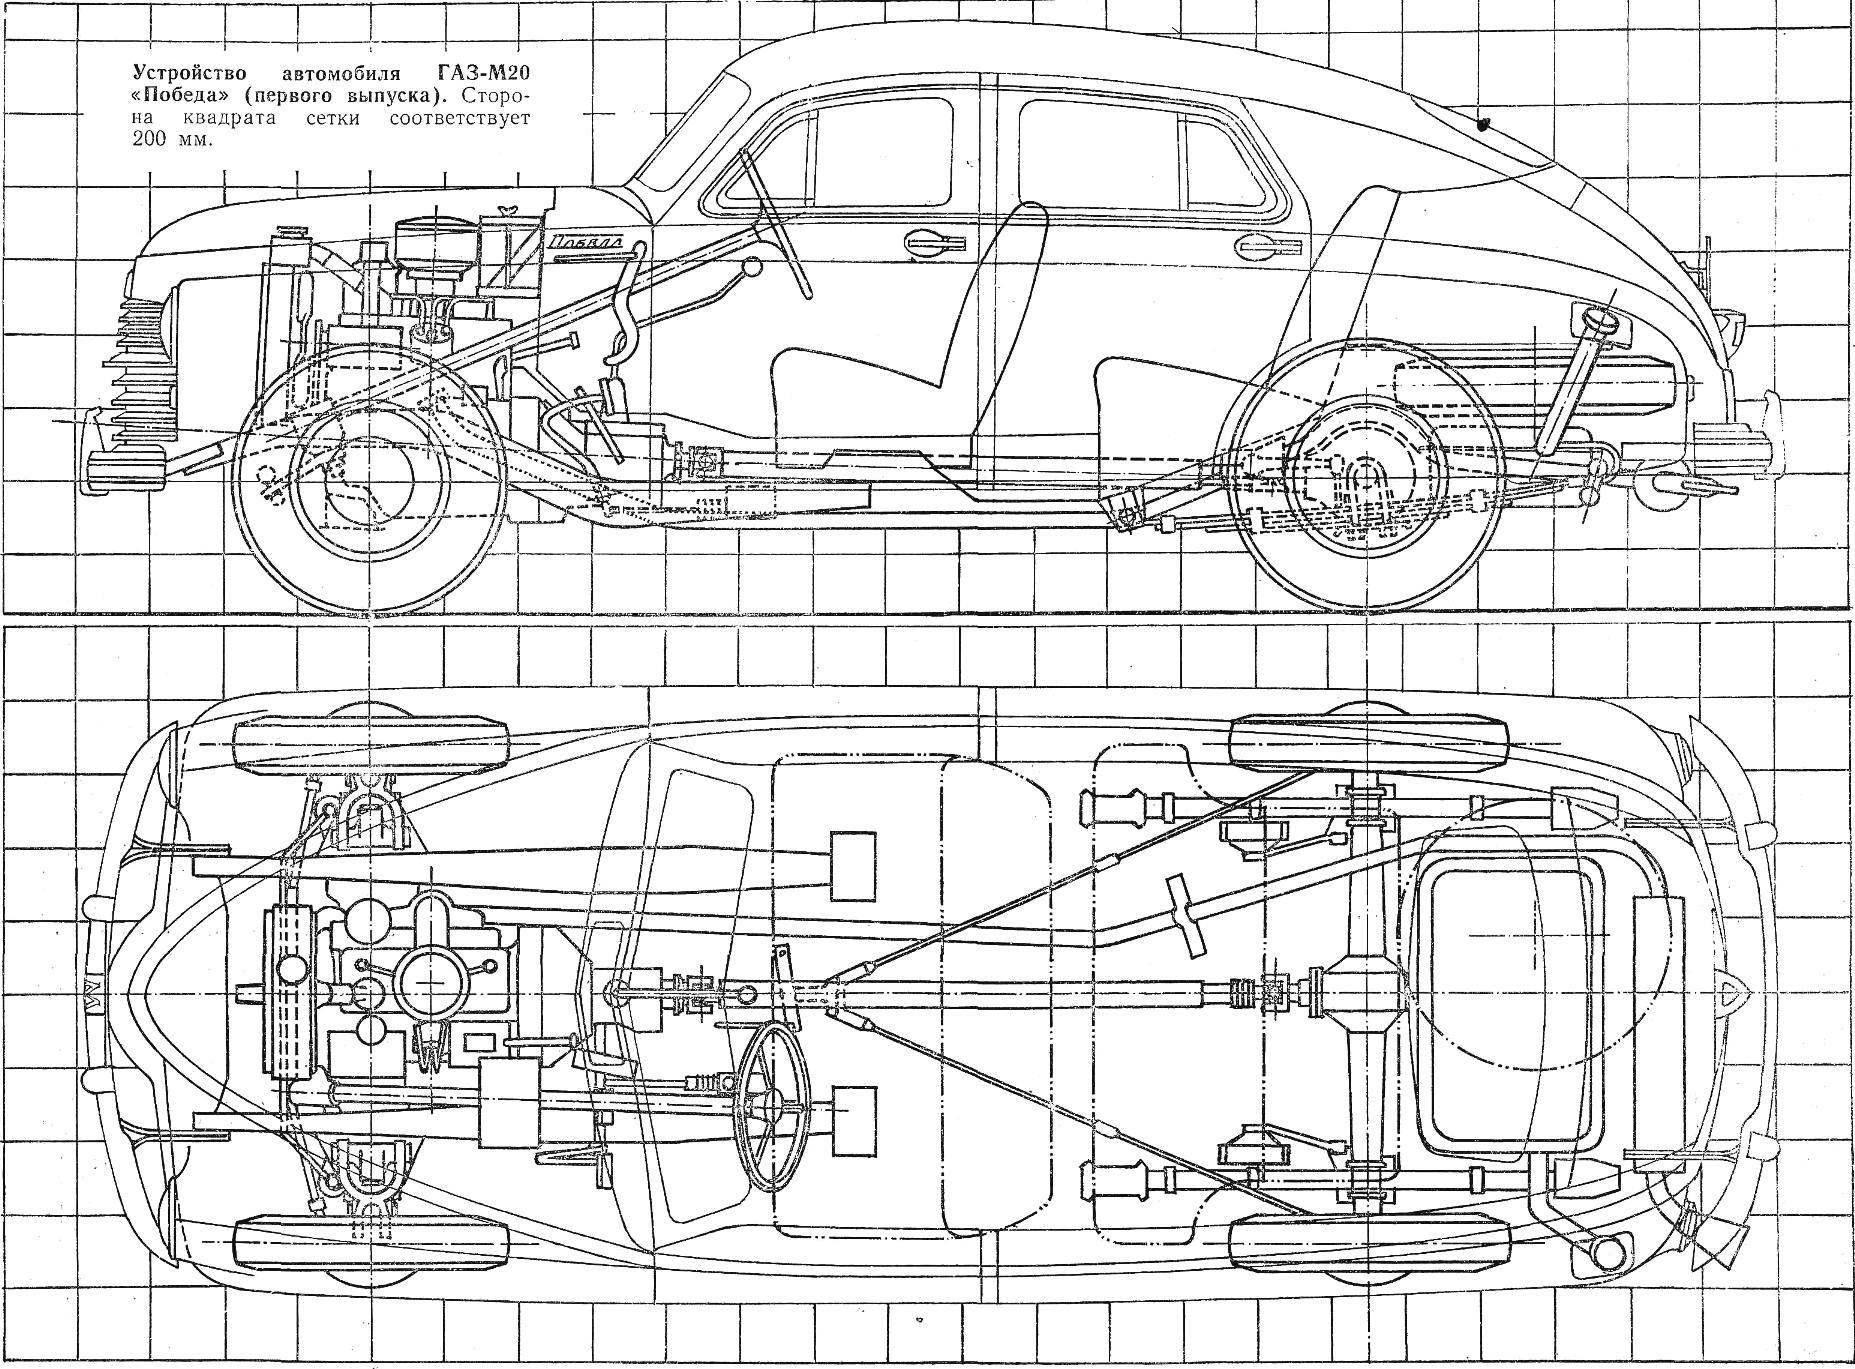 Устройство автомобиля ГАЗ-М20 «Победа» (первого выпуска). Сторона квадрата сетки соответствует 200 мм.